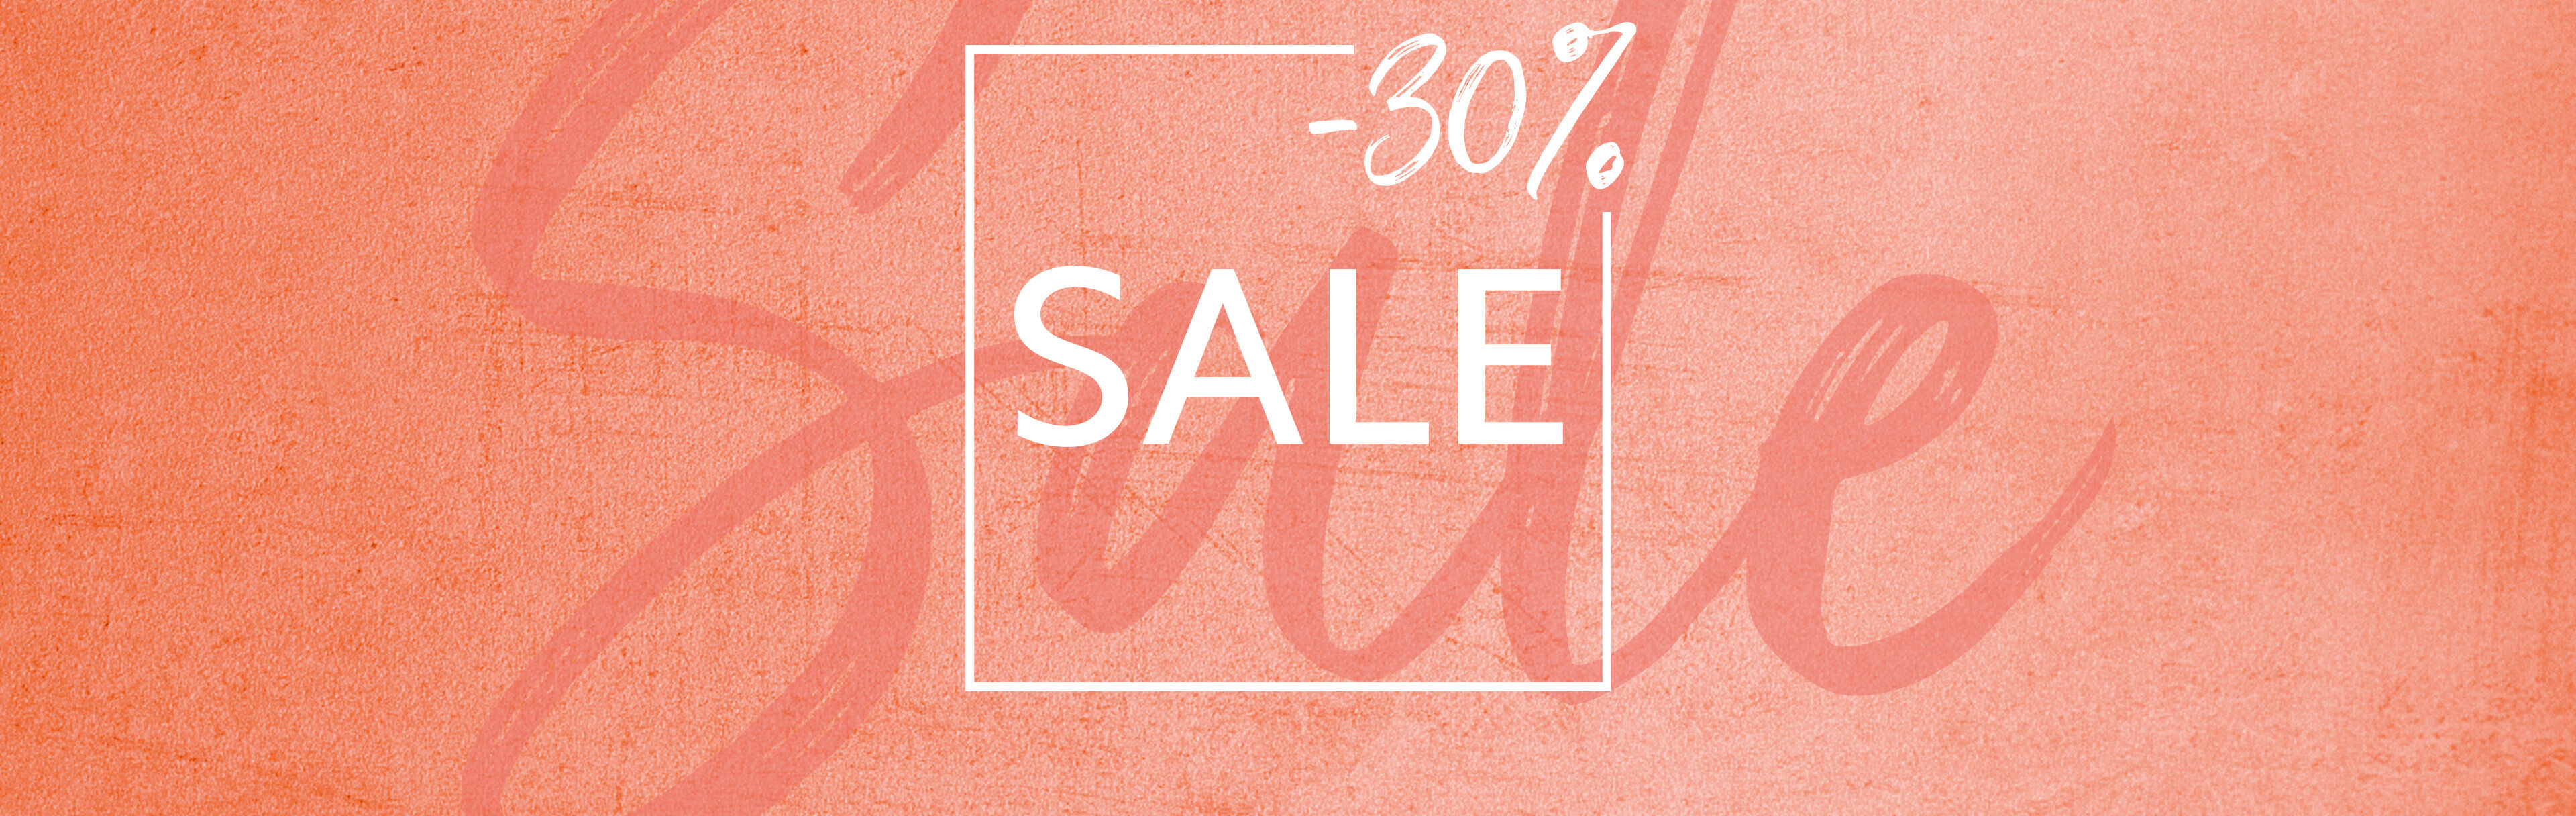 e8c03c9d0 Jewellery, watches & fragrances - THOMAS SABO online shop